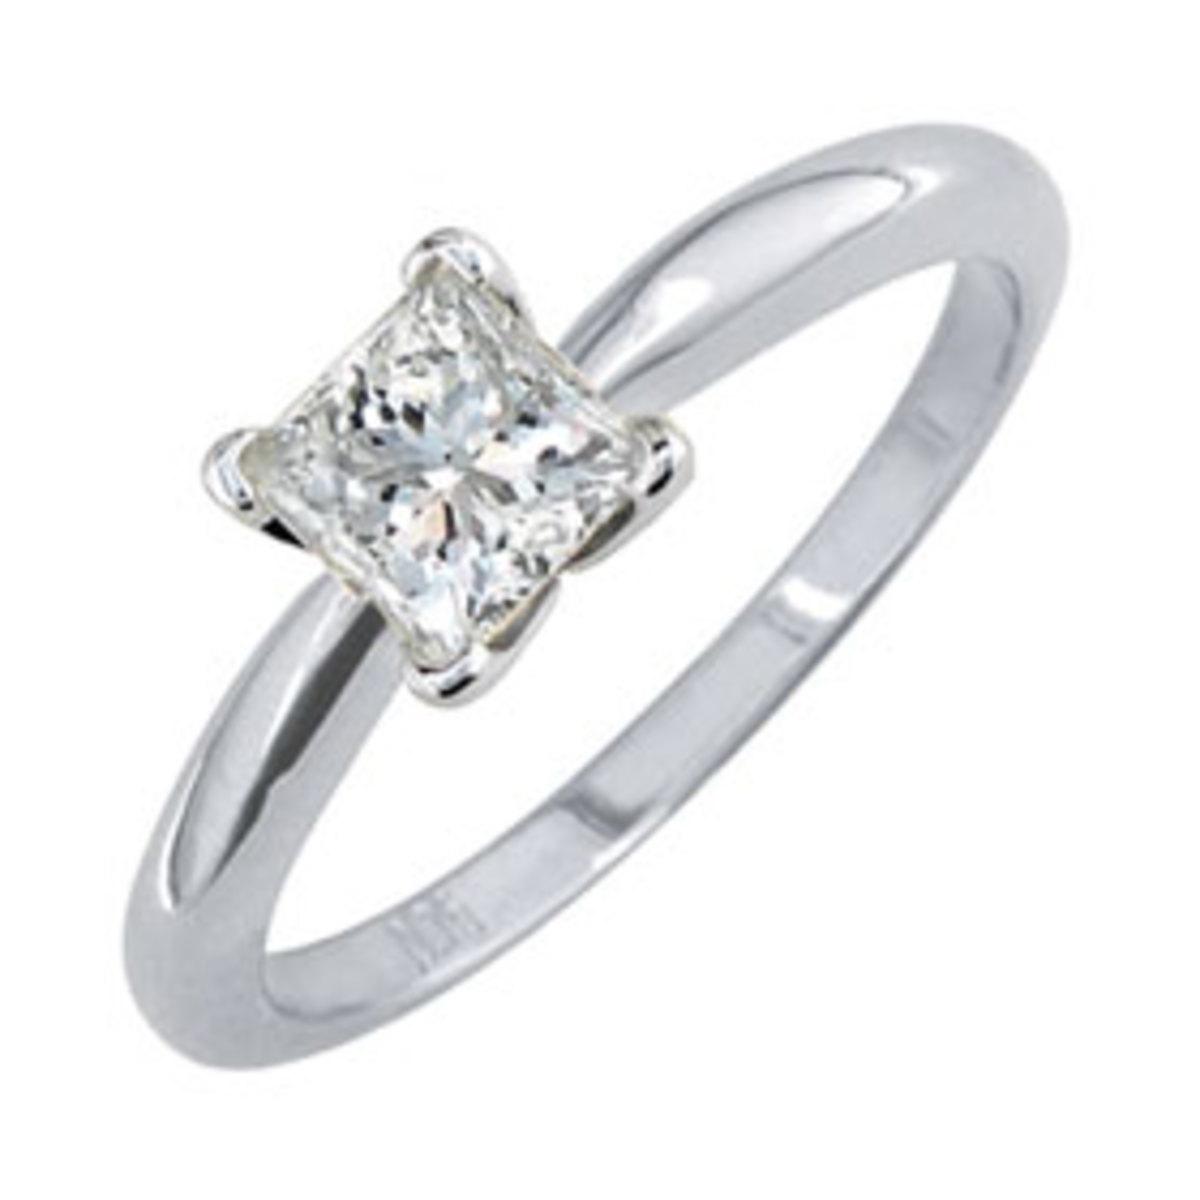 Princess Cut Diamond In White Gold Solitare Setting